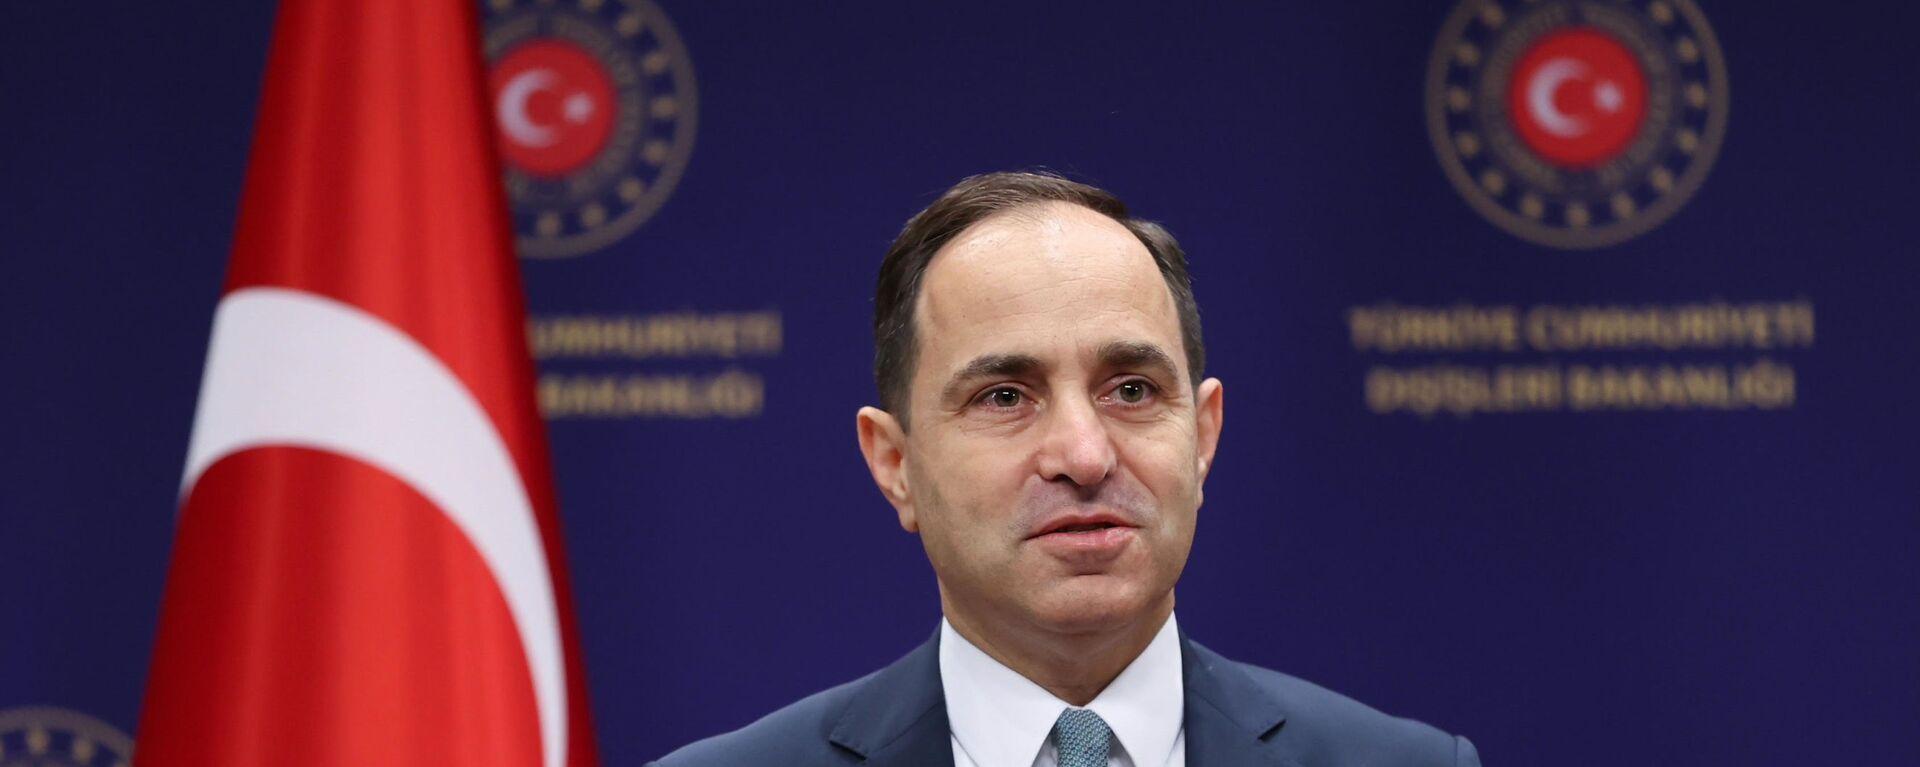 Dışişleri Bakanlığı Sözcüsü Büyükelçi Sayın Tanju Bilgiç - Sputnik Türkiye, 1920, 04.08.2021